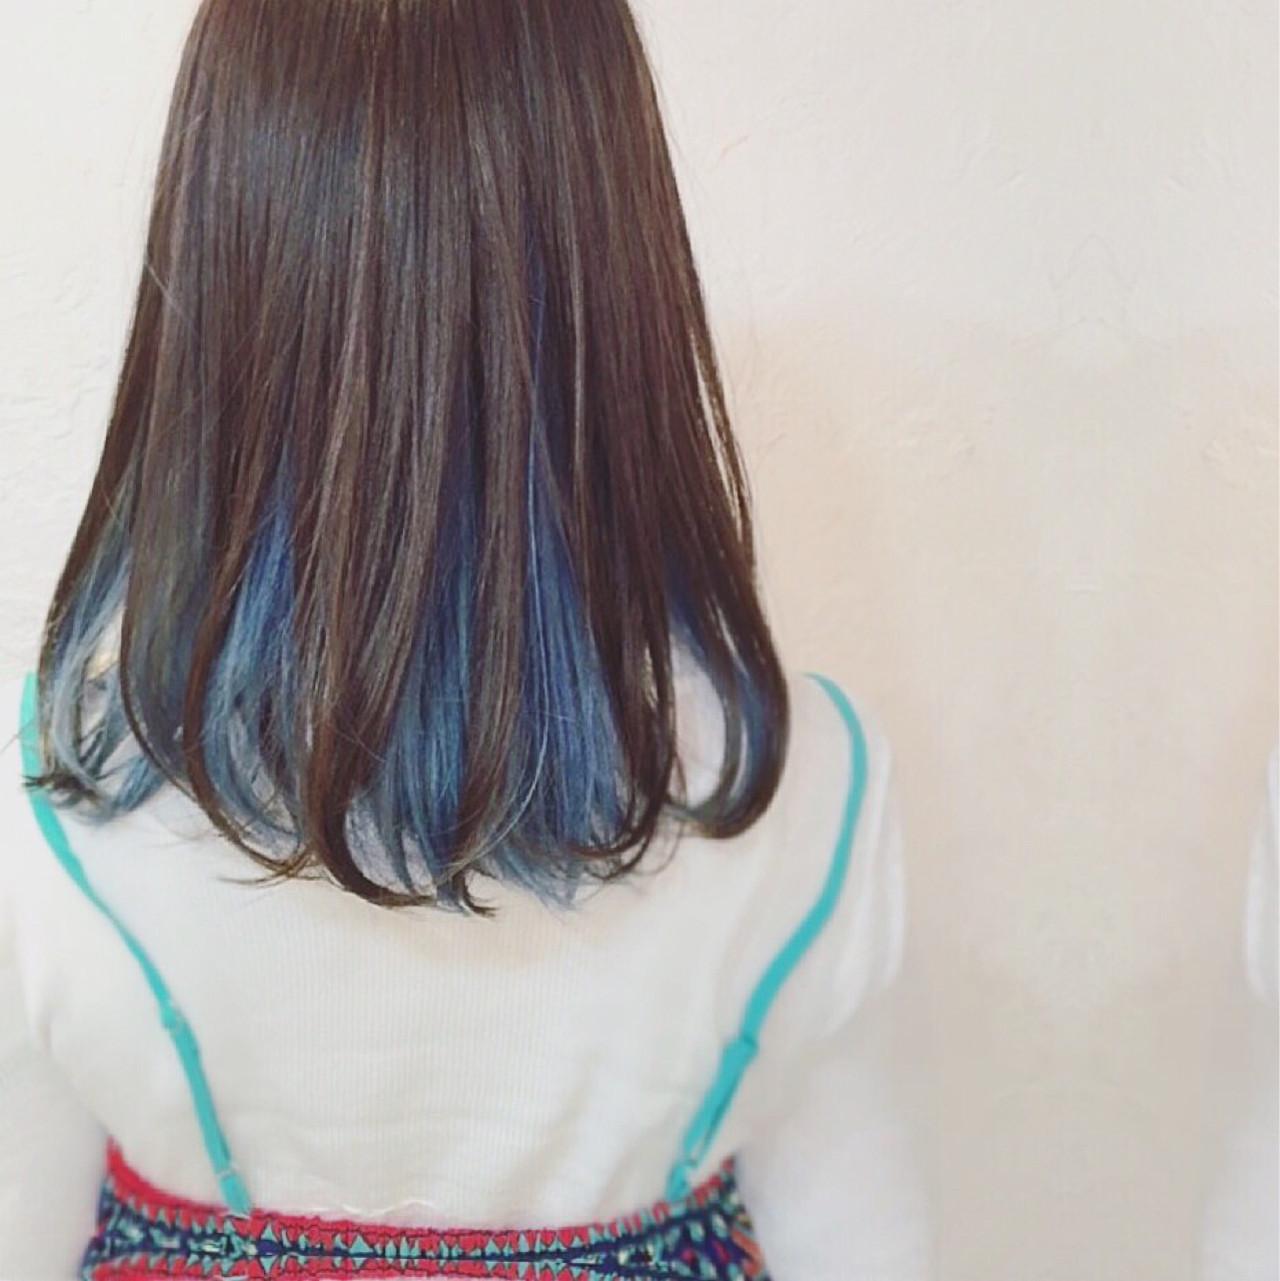 ブルー ブルーアッシュ ミディアム アッシュ ヘアスタイルや髪型の写真・画像